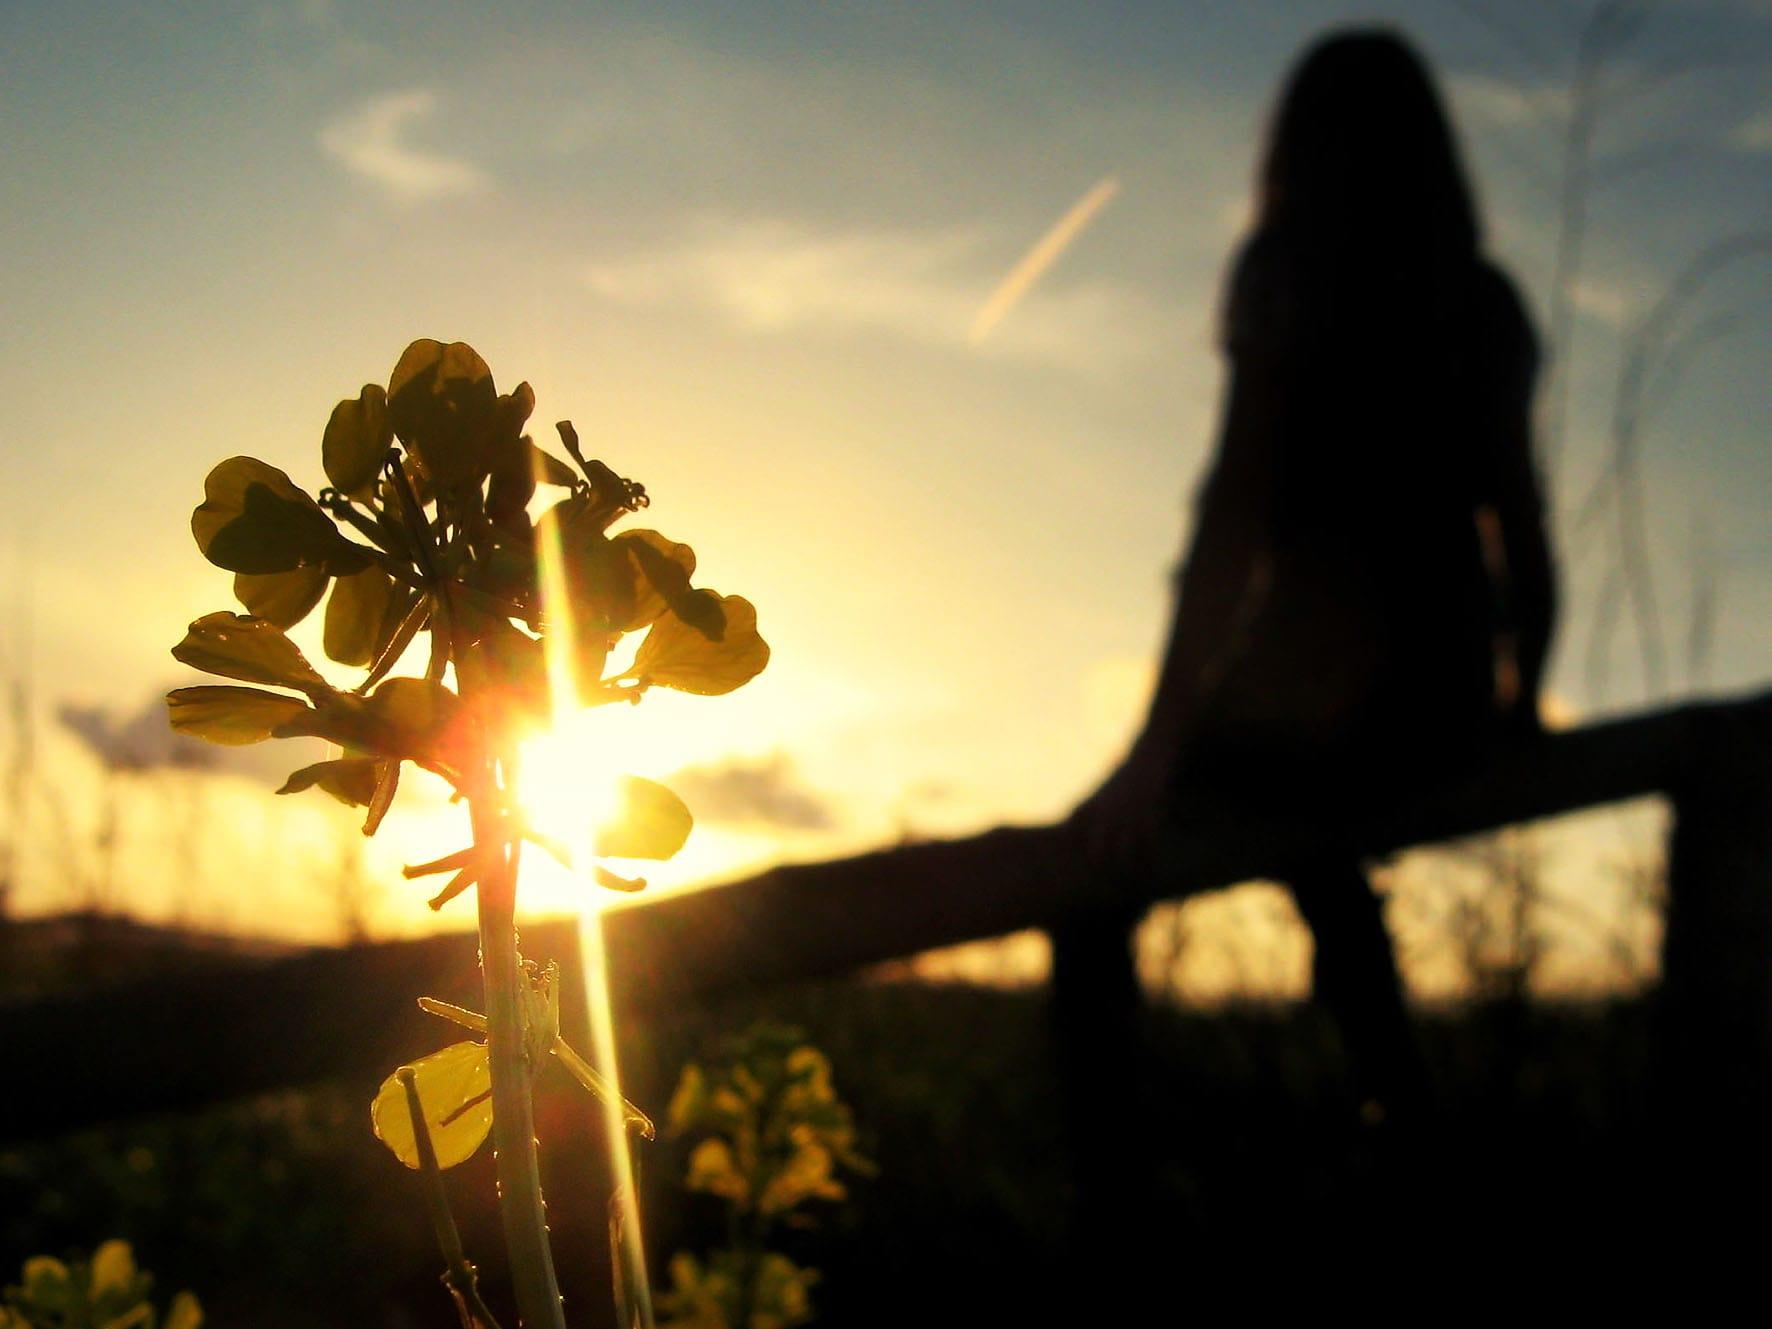 Как справиться с самым глубоким разочарованием расставание